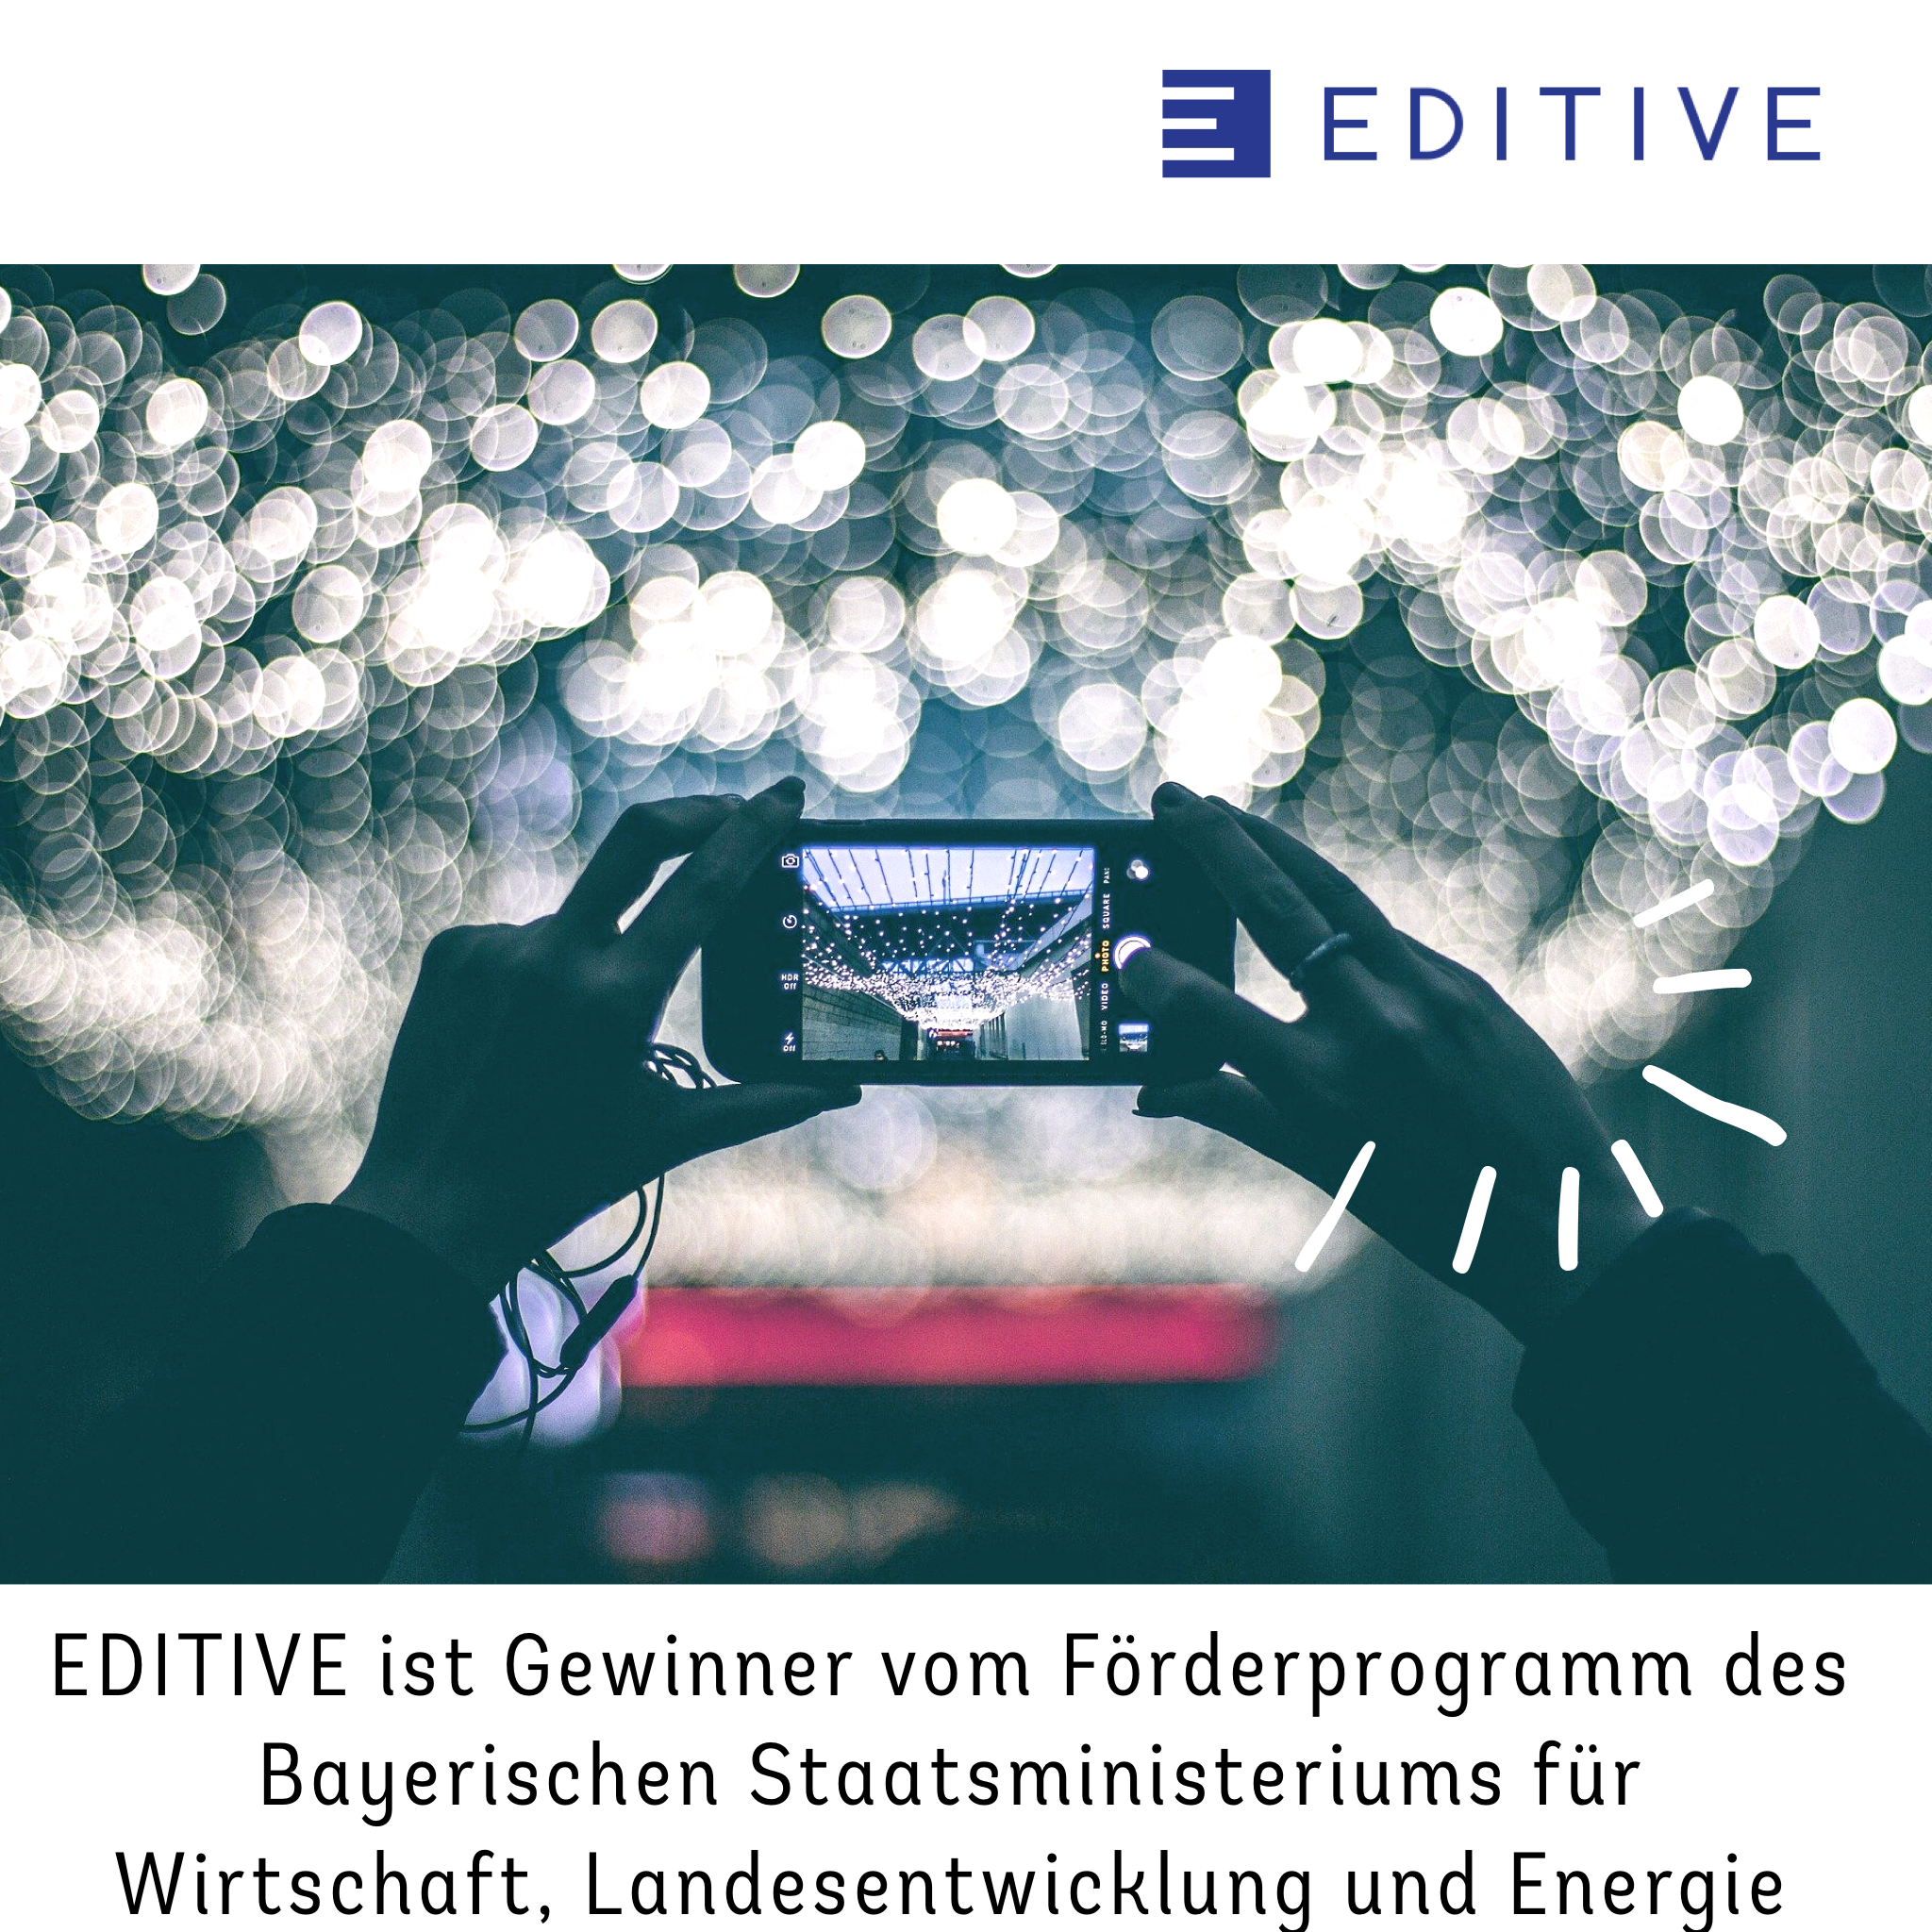 EDITIVE ist Gewinner vom Förderprogramm des Bayerischen Staatsministeriums für Wirtschaft, Landesentwicklung und Energie